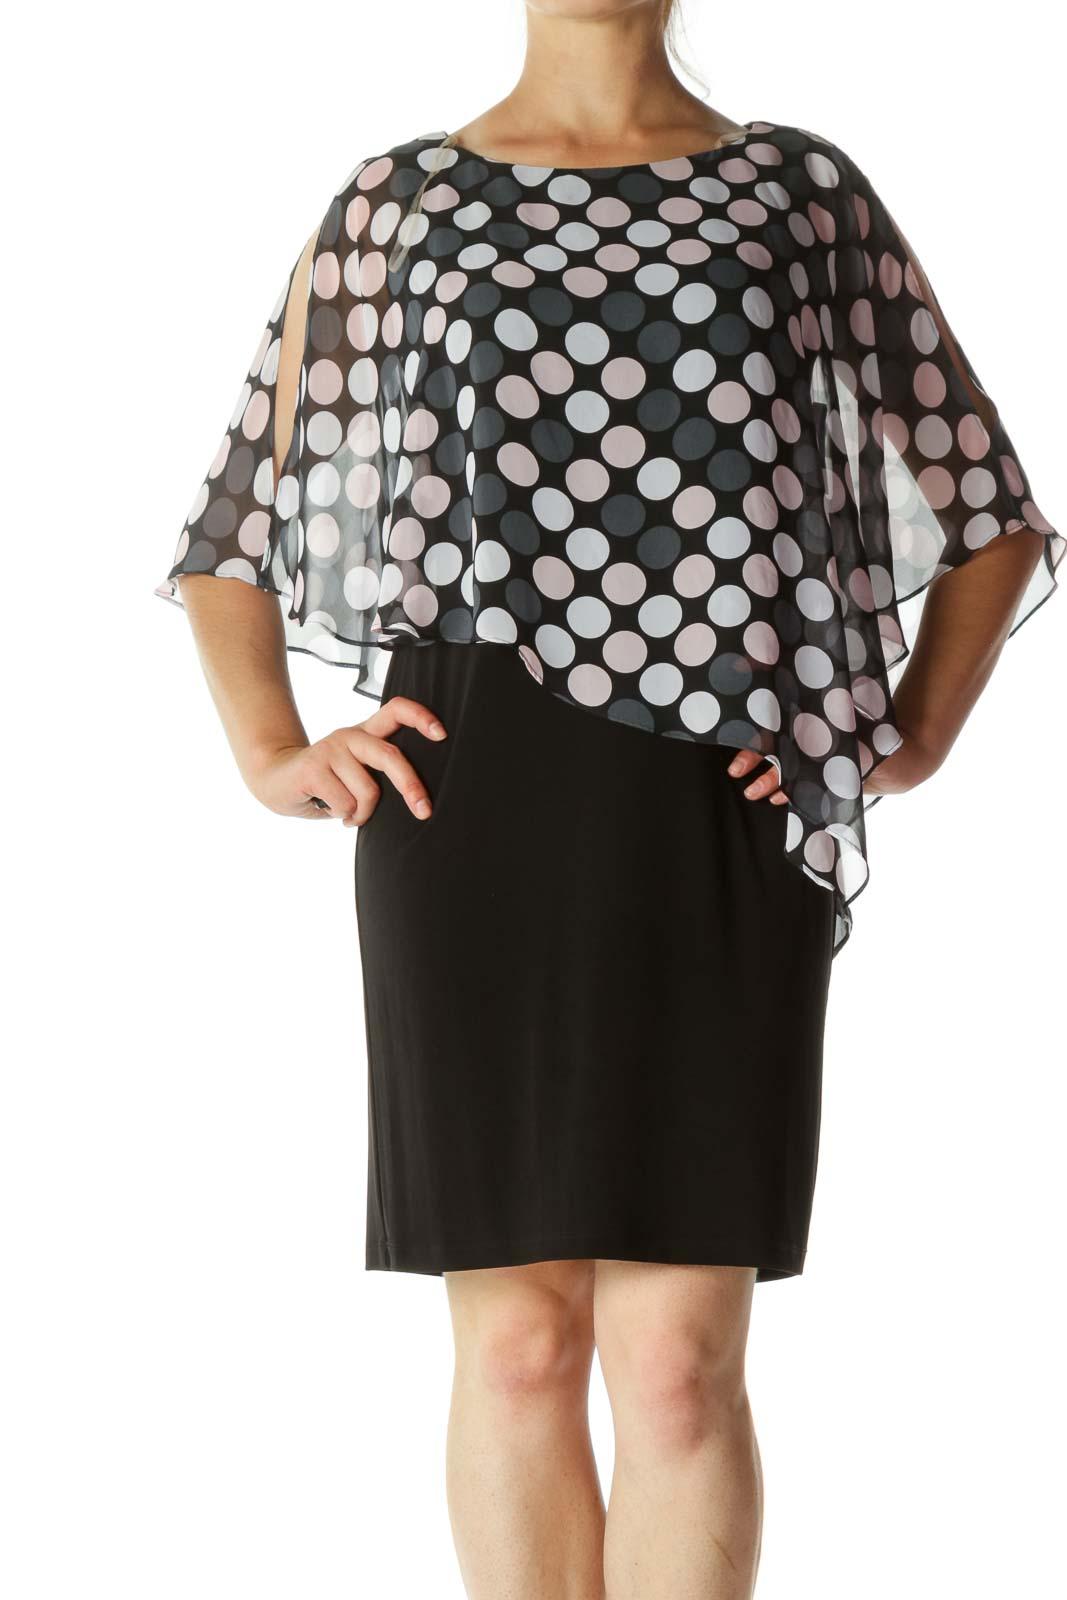 Black And Pink Polka Dots Cape Shirt Dress